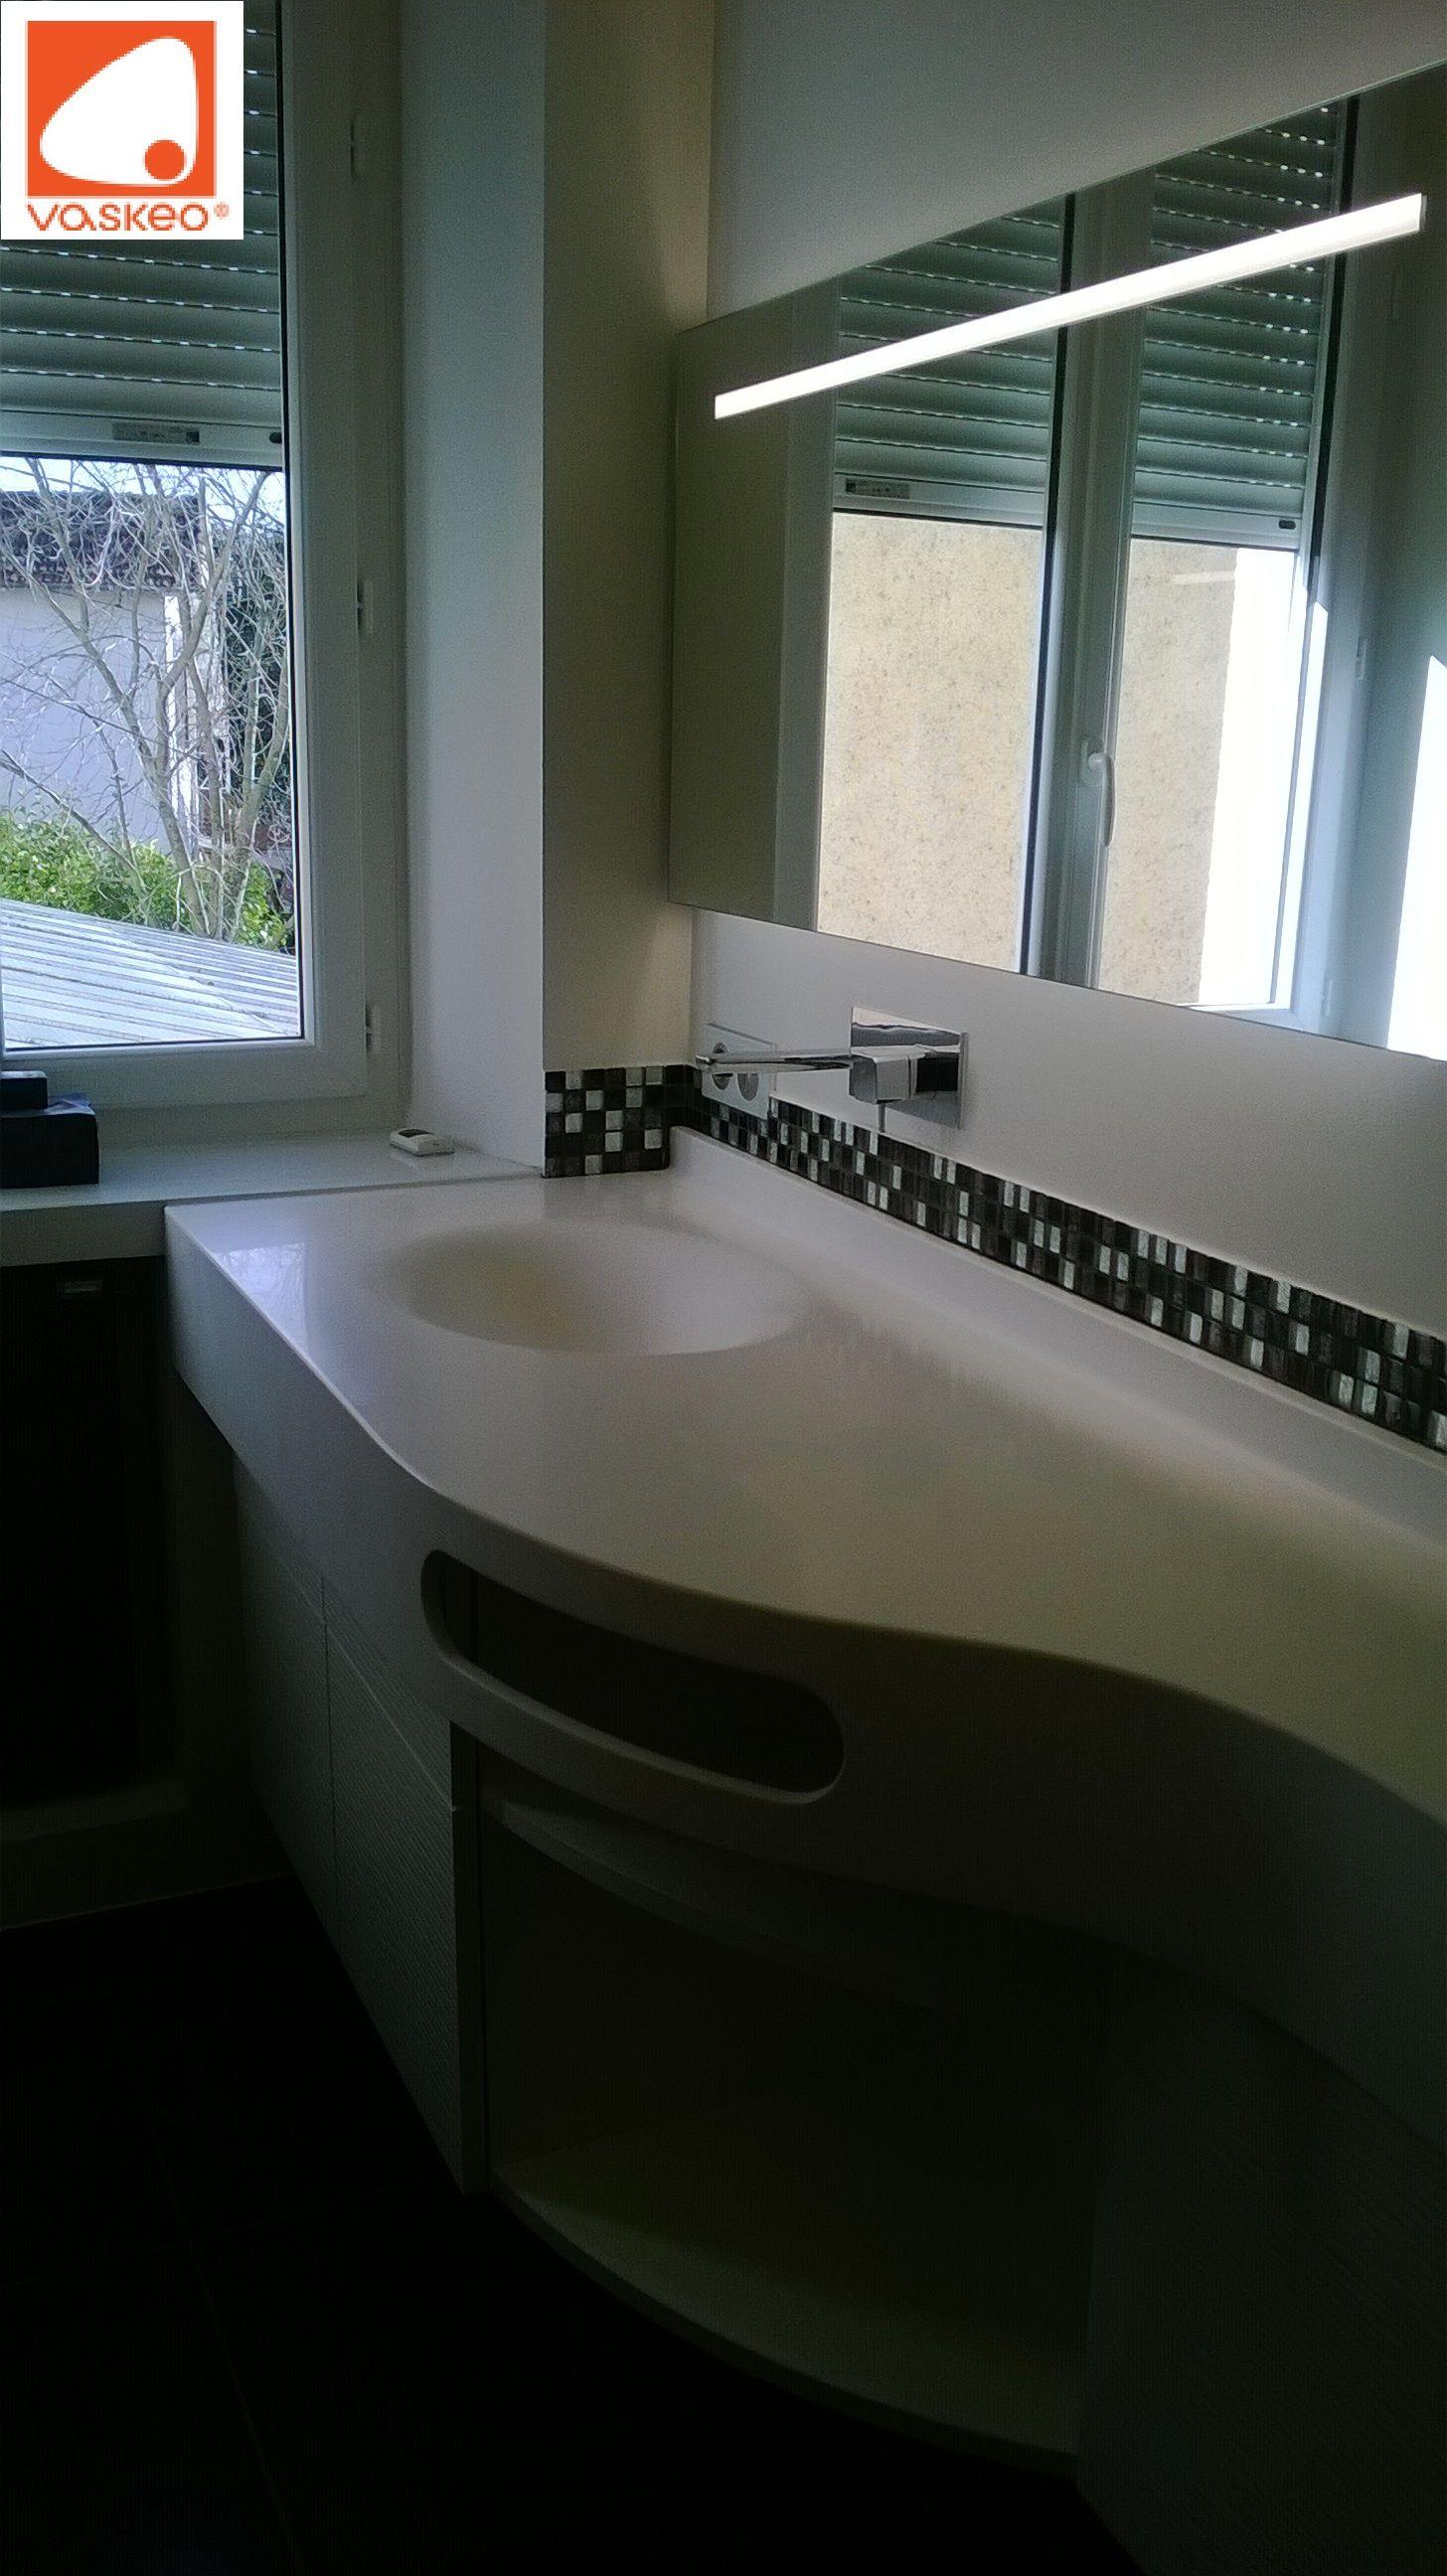 Lavabo Pour Petit Espace lavabo de laboratoire avec dosseret, découpe arrondi et